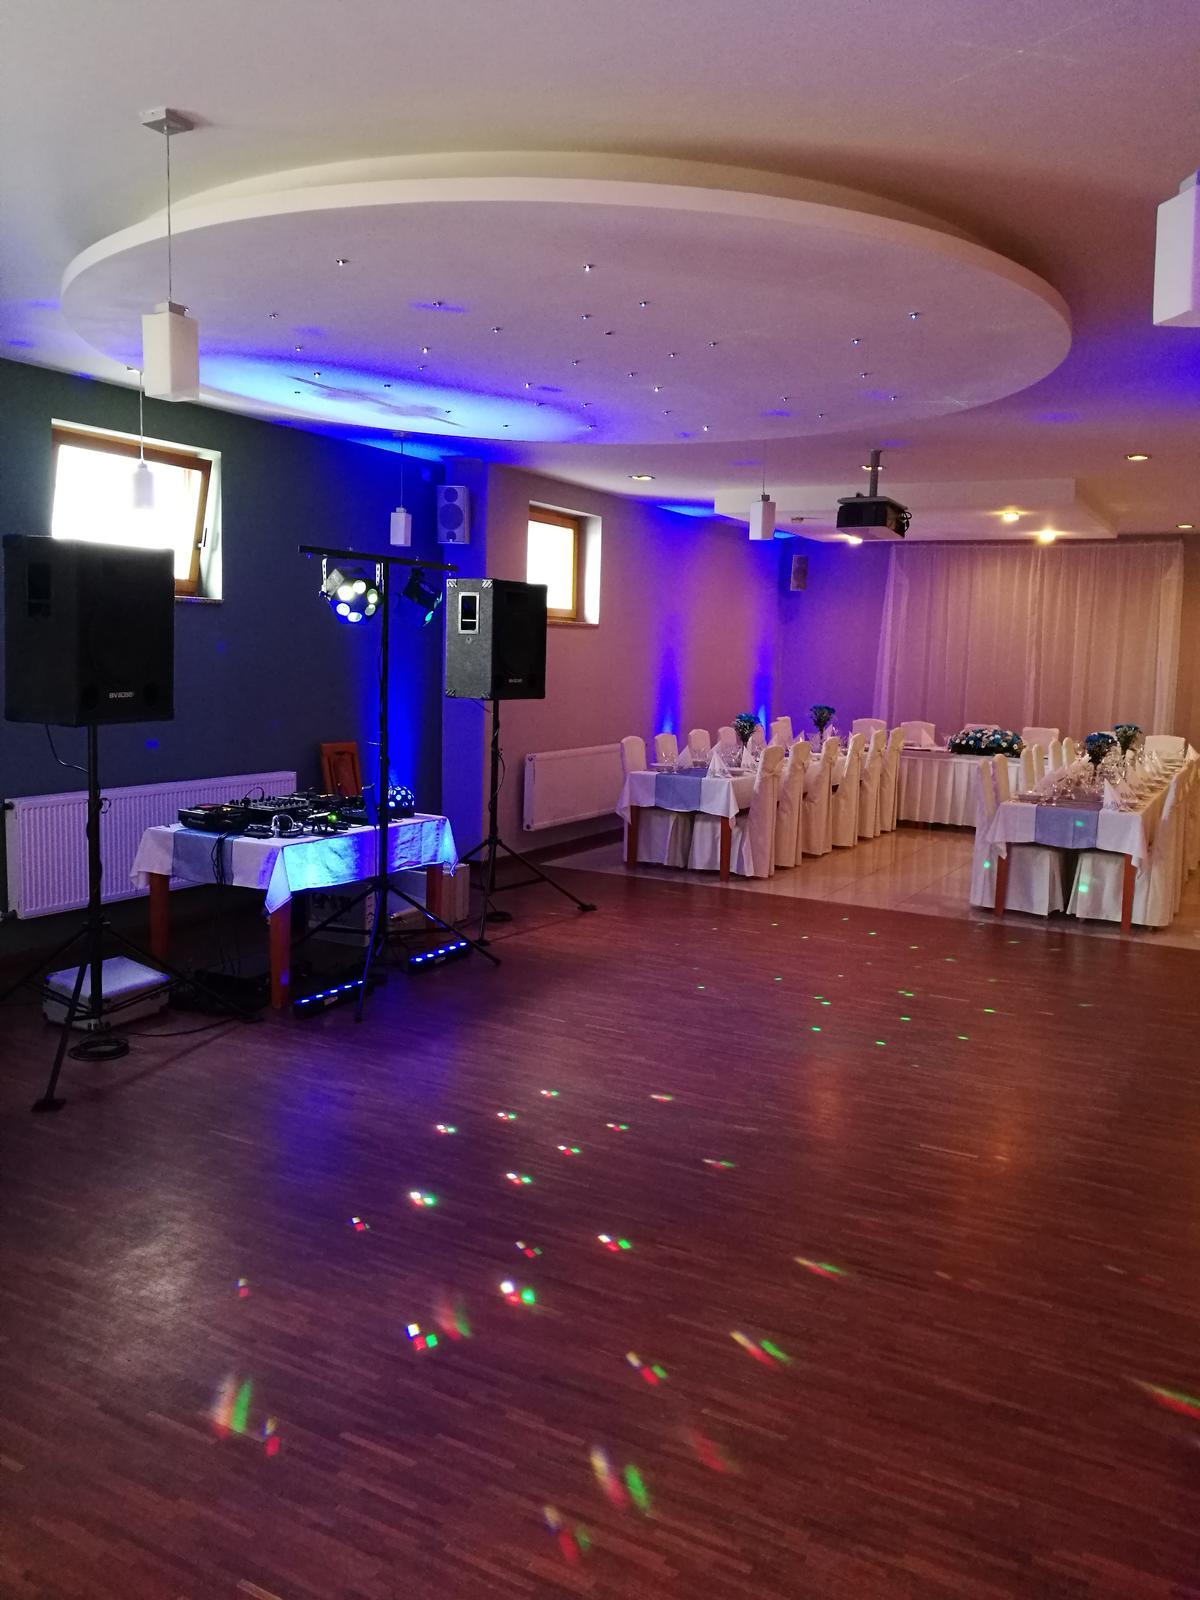 dj_erni - Motel Skalka, Radoľa - Gabika a Matej, výborná svadobná zábava na Kysuciach